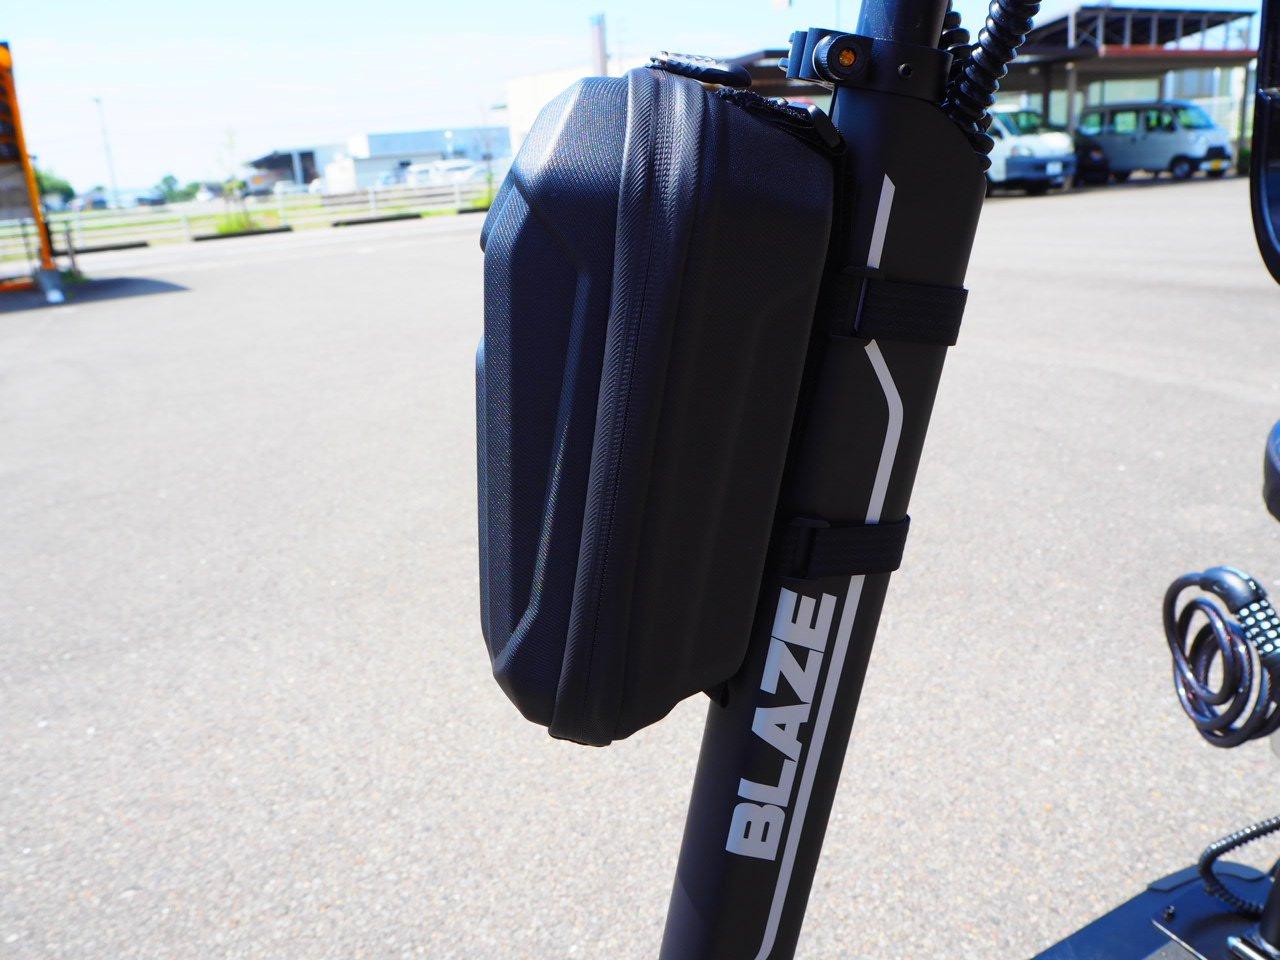 電動バイク用防雨バッグ(携帯電話、小物、標識交付証明書、自賠責保険証明書入れなどに便利)のイメージその1